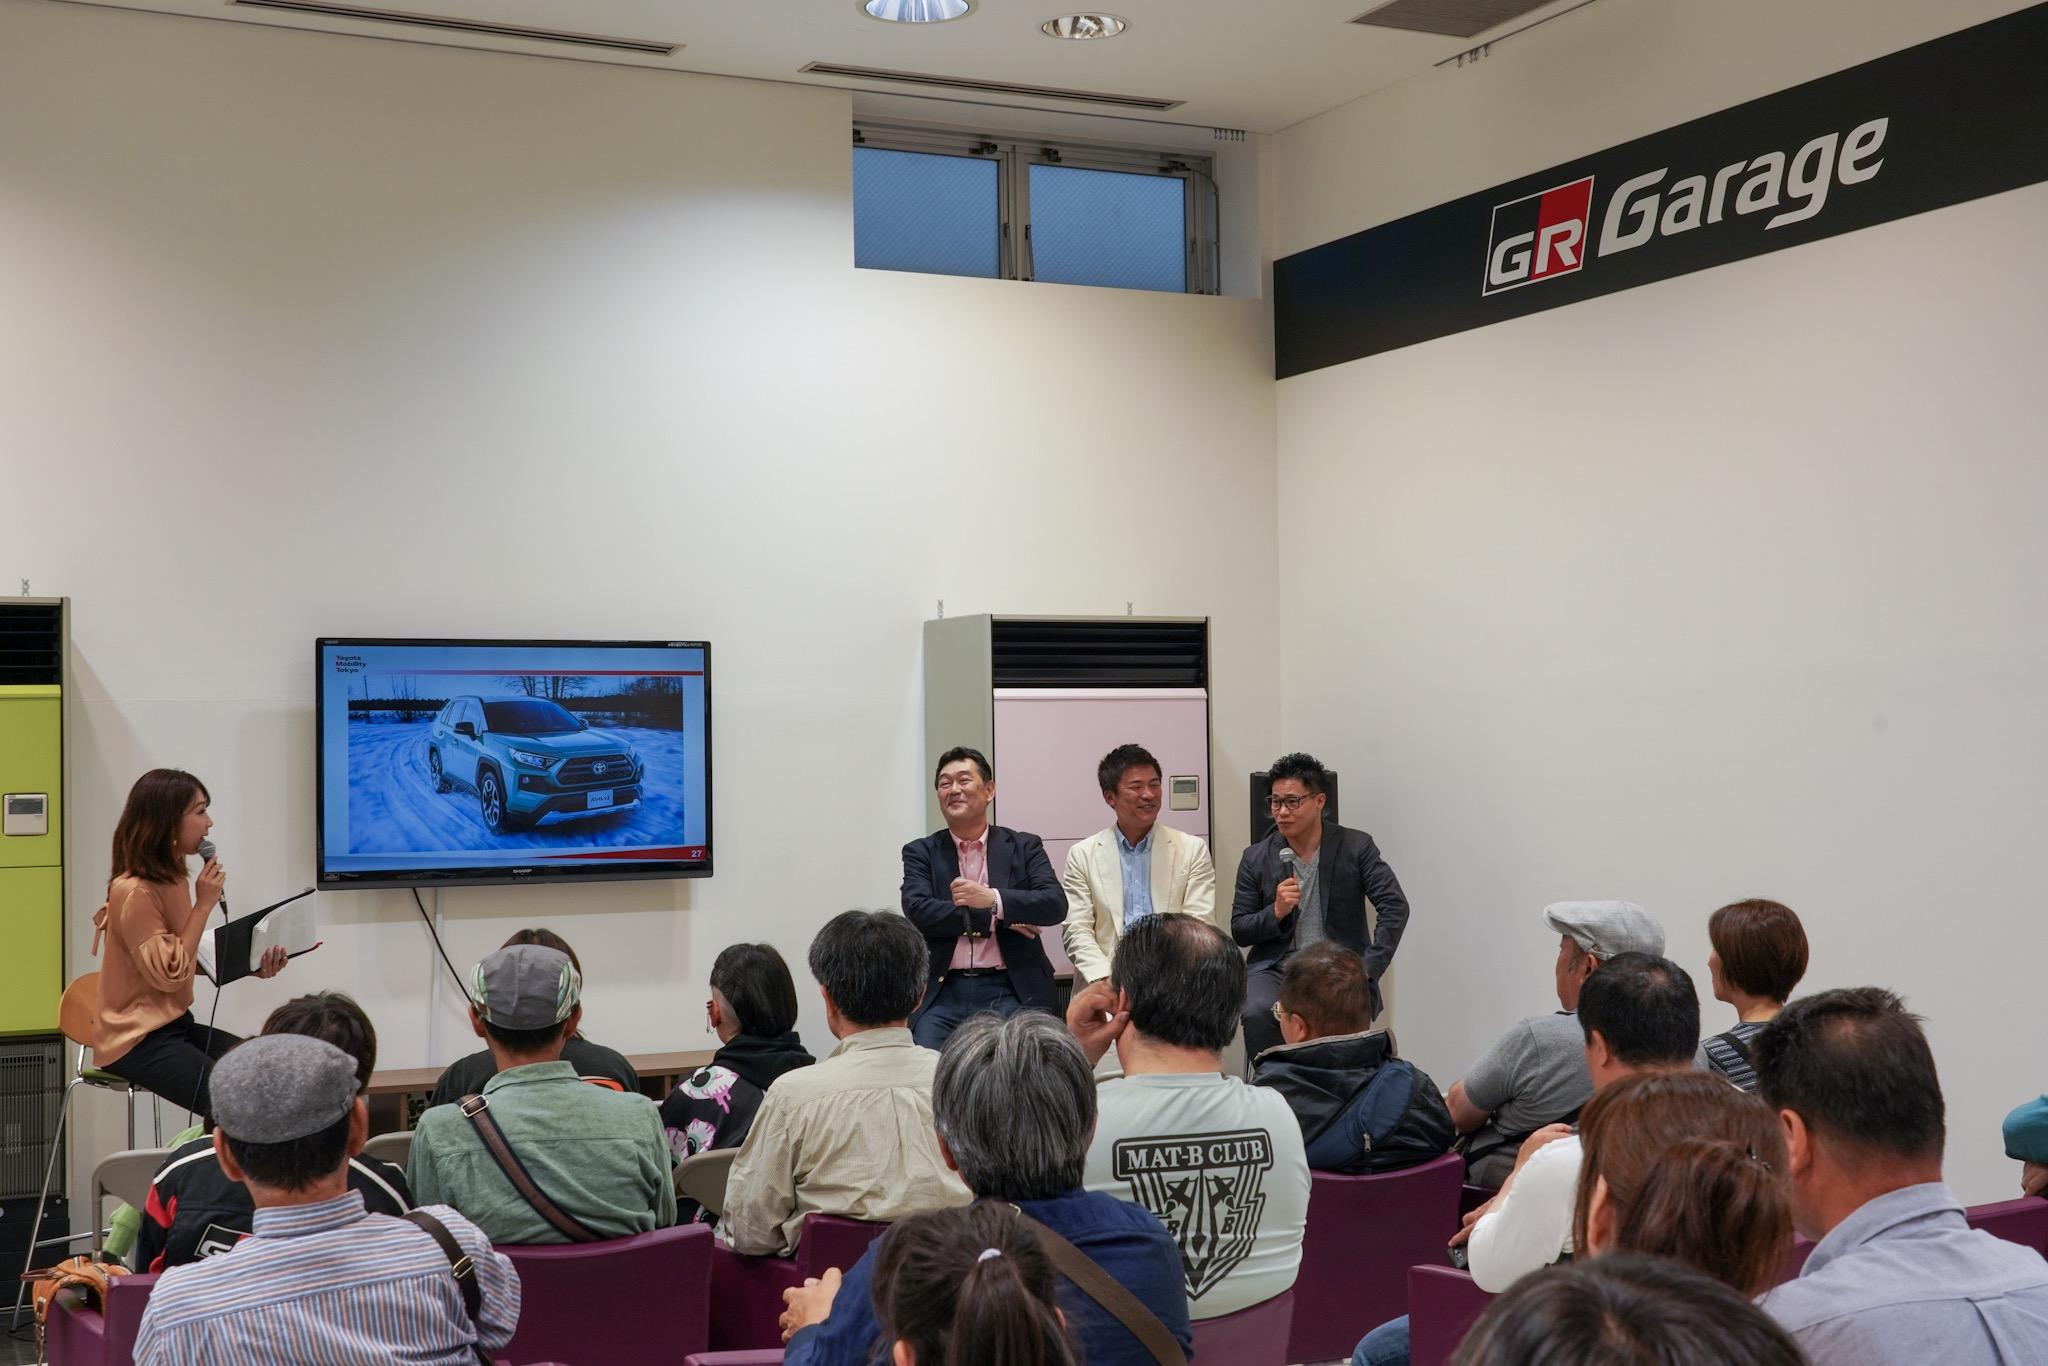 2019年6月8,9日開催 GRガレージ東京北池袋オープン記念イベント